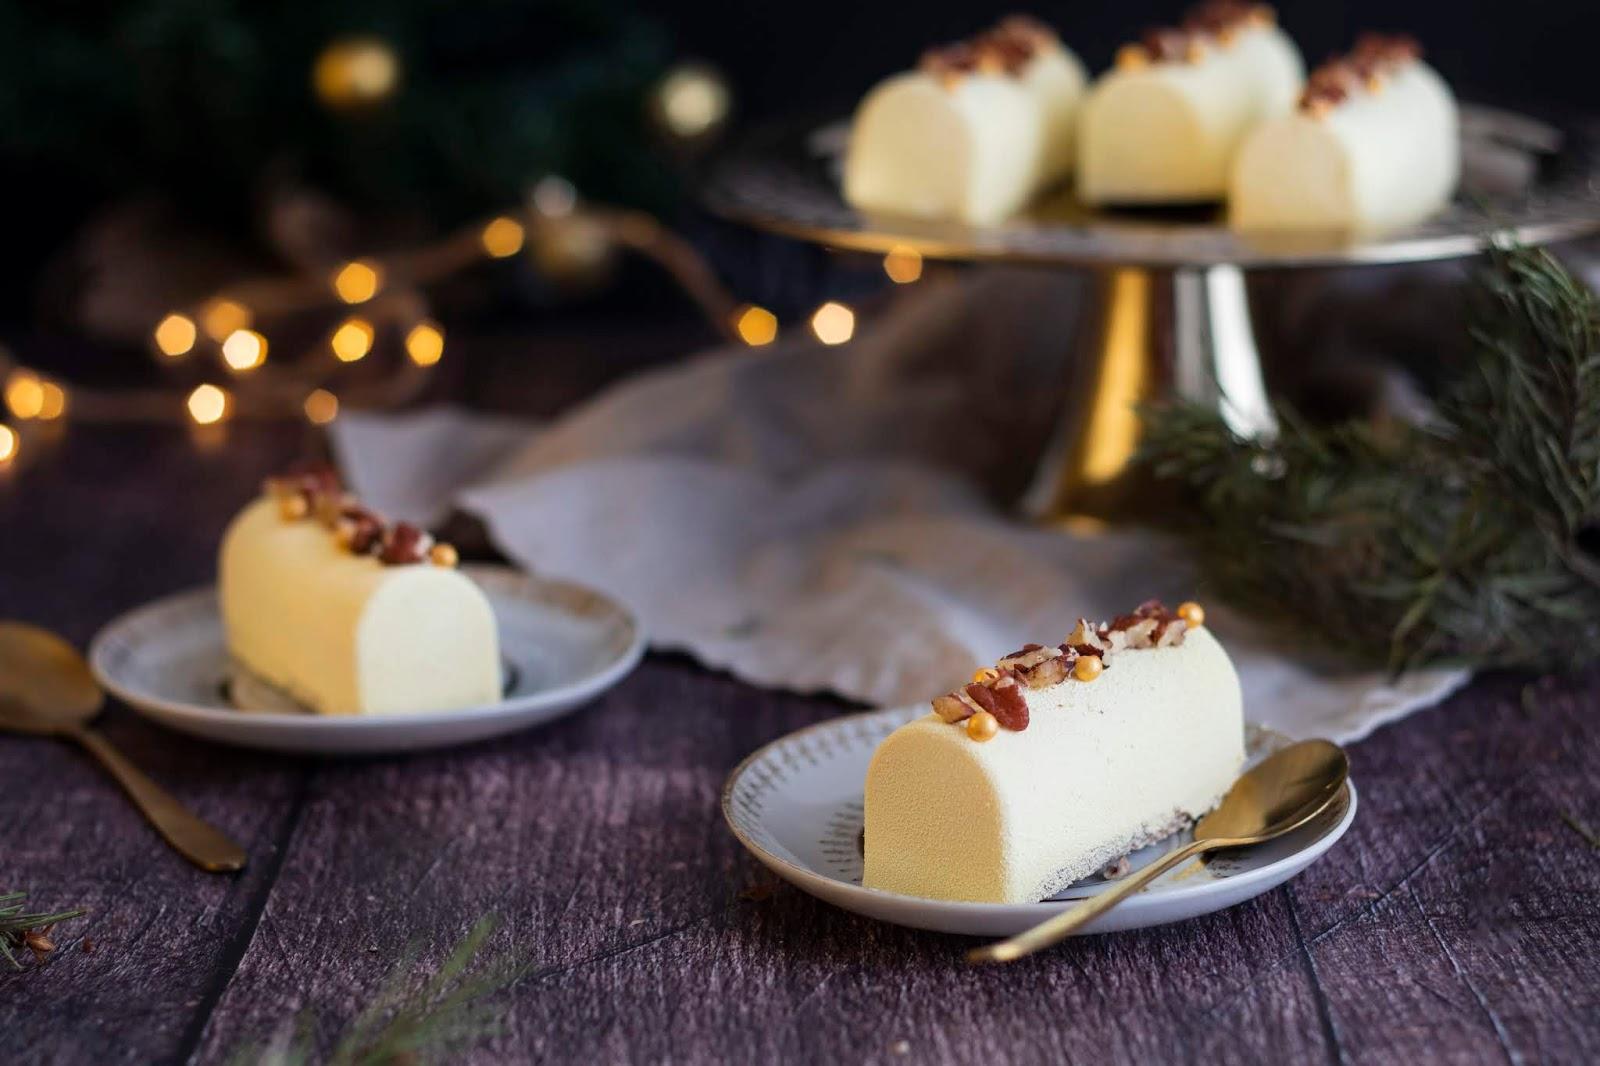 Délicieuse recette de mini bûches à la vanille et aux noix de pécan. Parfait en fin de repas pour les fêtes